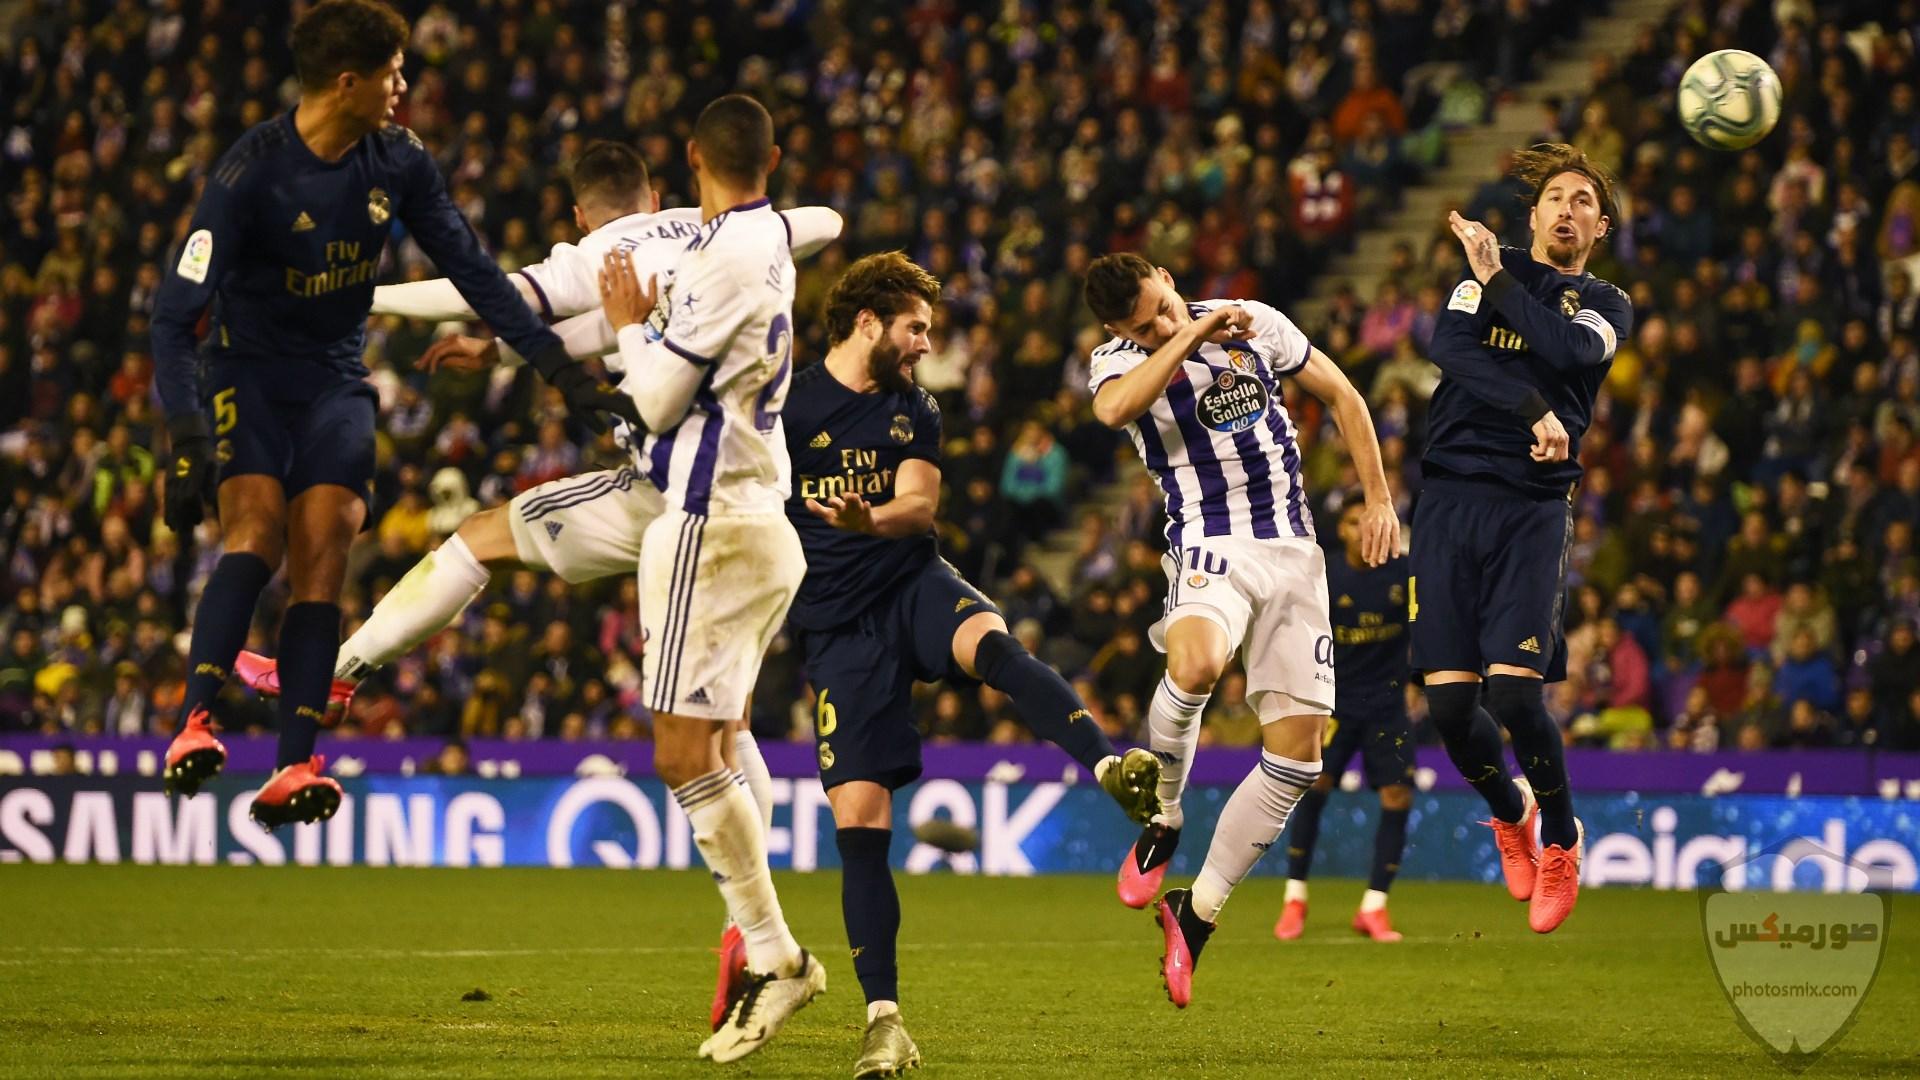 صور لاعبي ريال مدريد 59